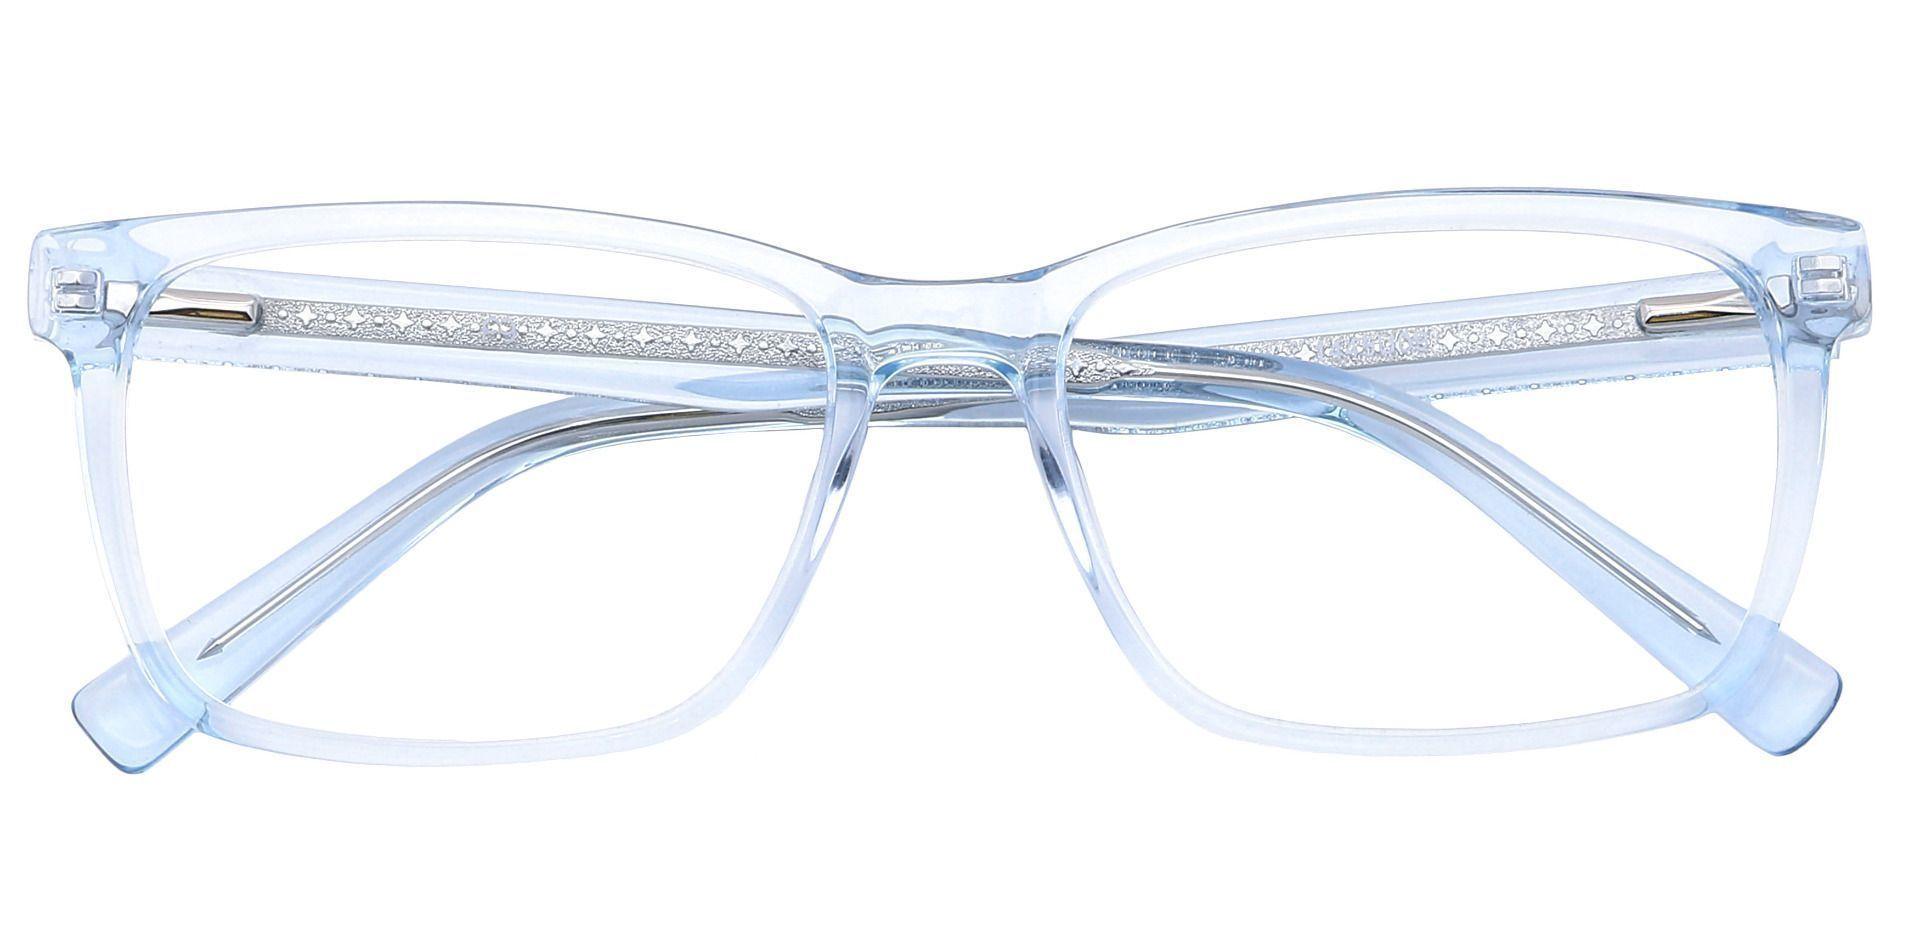 Galaxy Rectangle Progressive Glasses - Blue